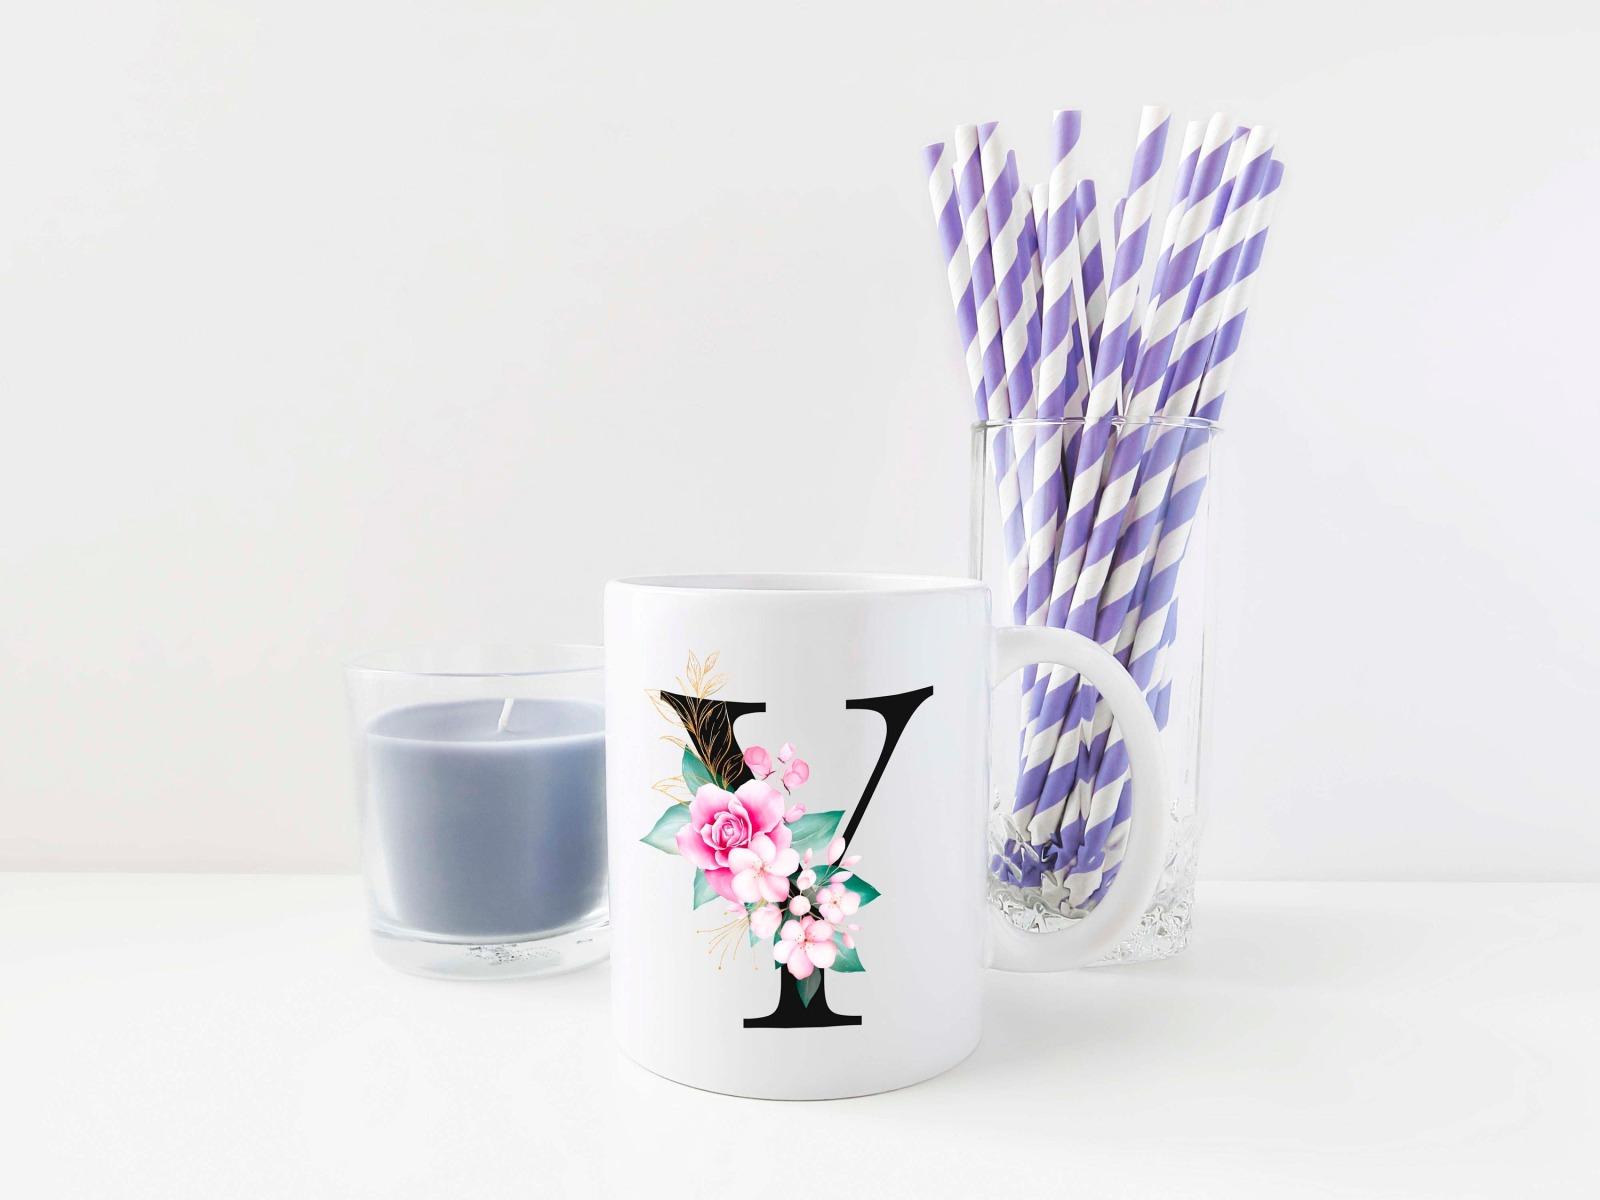 Buchstabentasse Kaffee-Tasse mit Pink-Flower Buchstabe 8